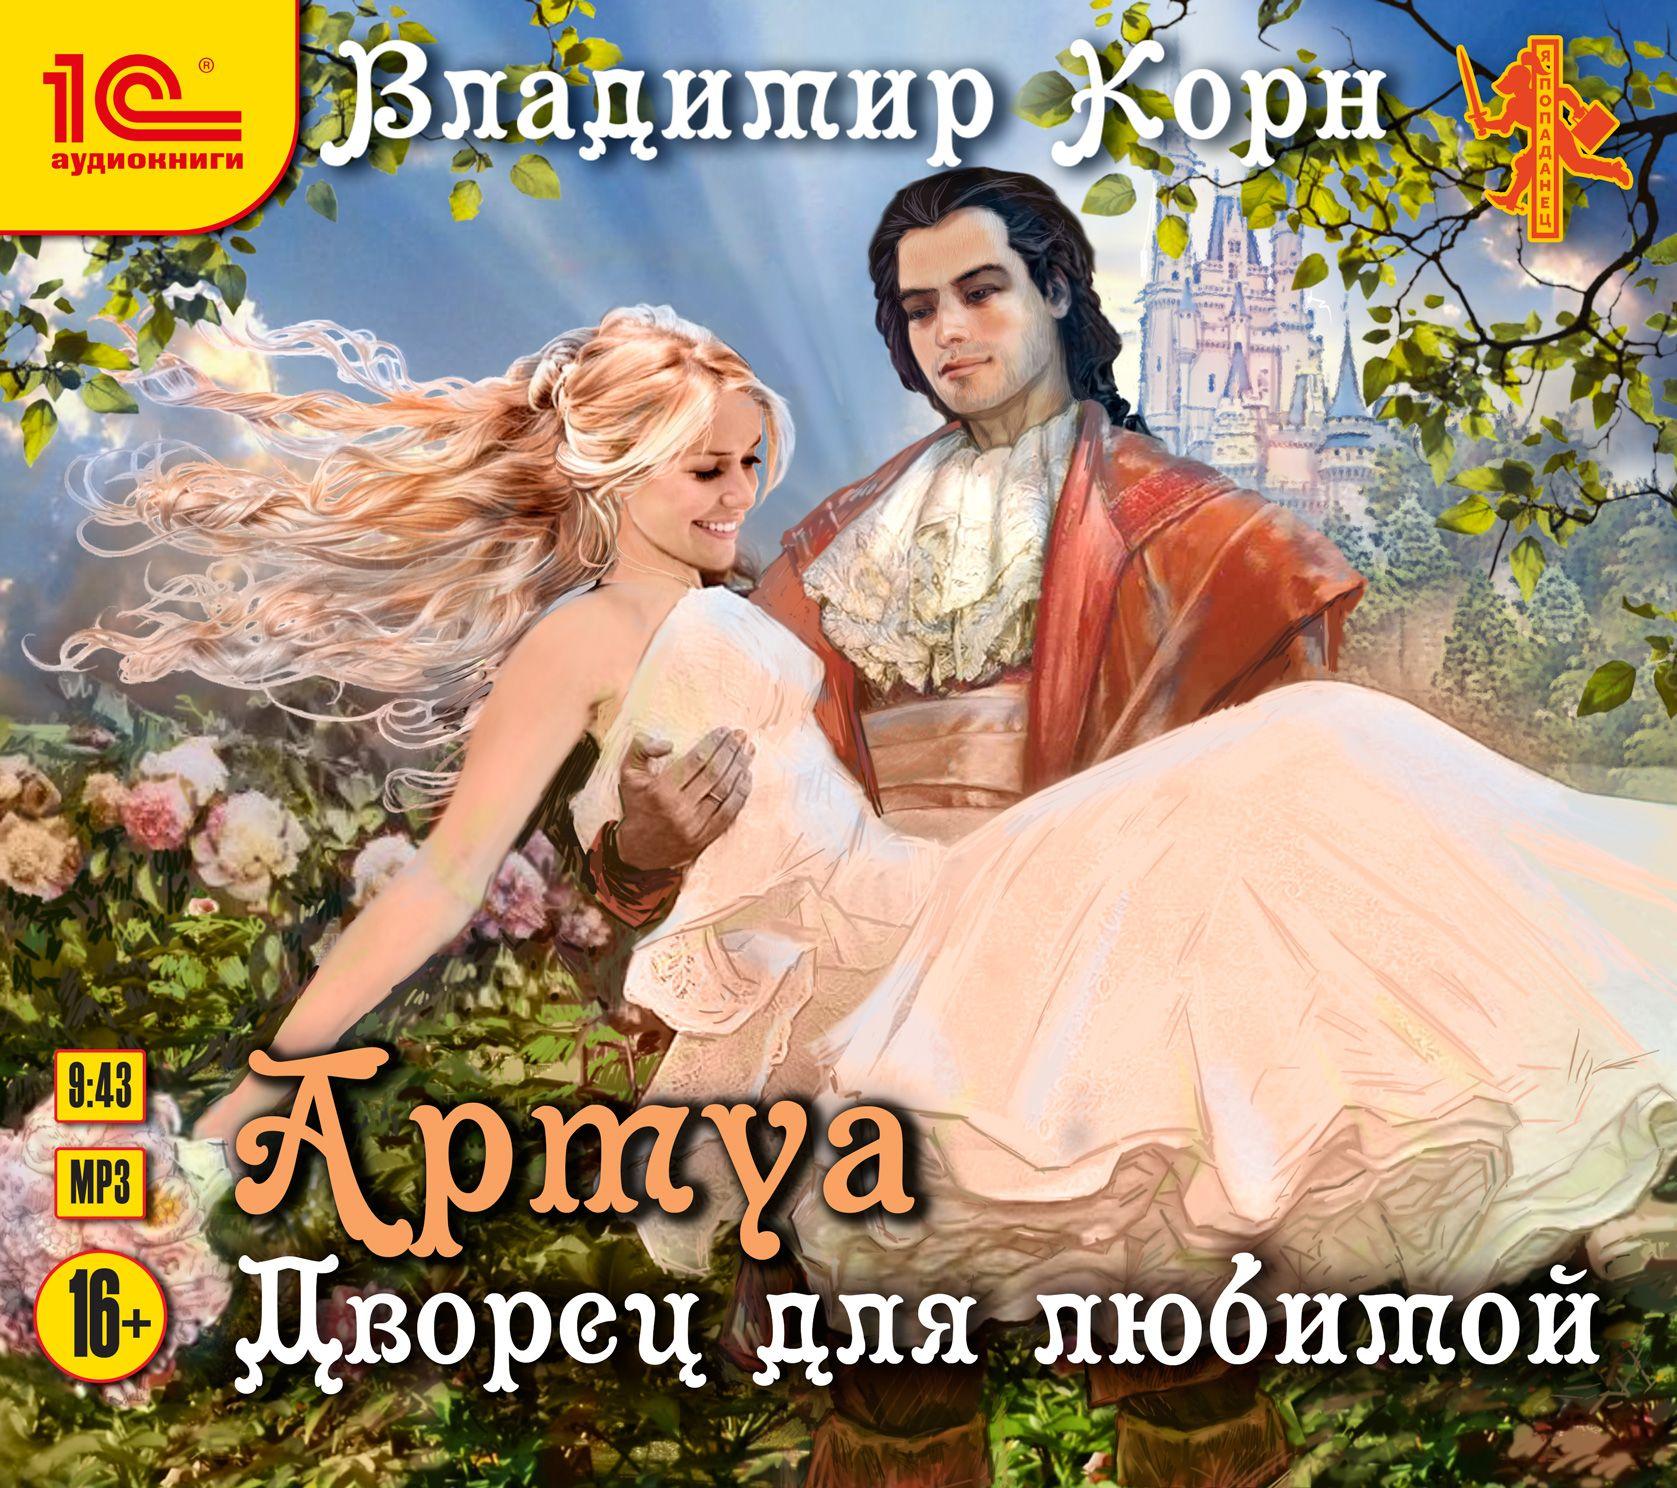 Владимир Корн Артуа. Дворец для любимой корн в артуа ученик ученика роман